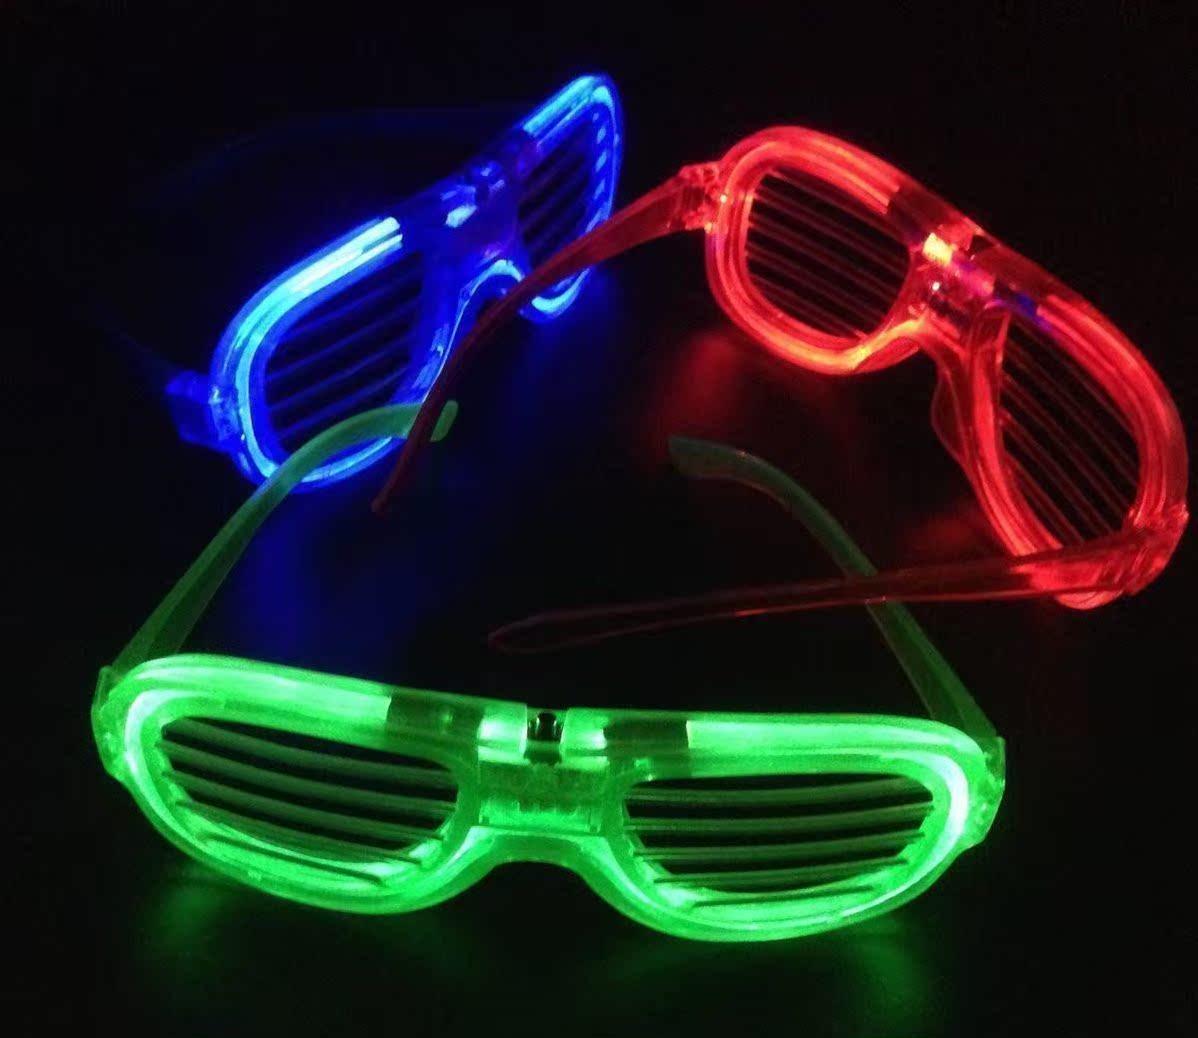 超酷酒吧演唱会年会玩具助威道具神器荧光六灯表演蹦迪眼镜男发光